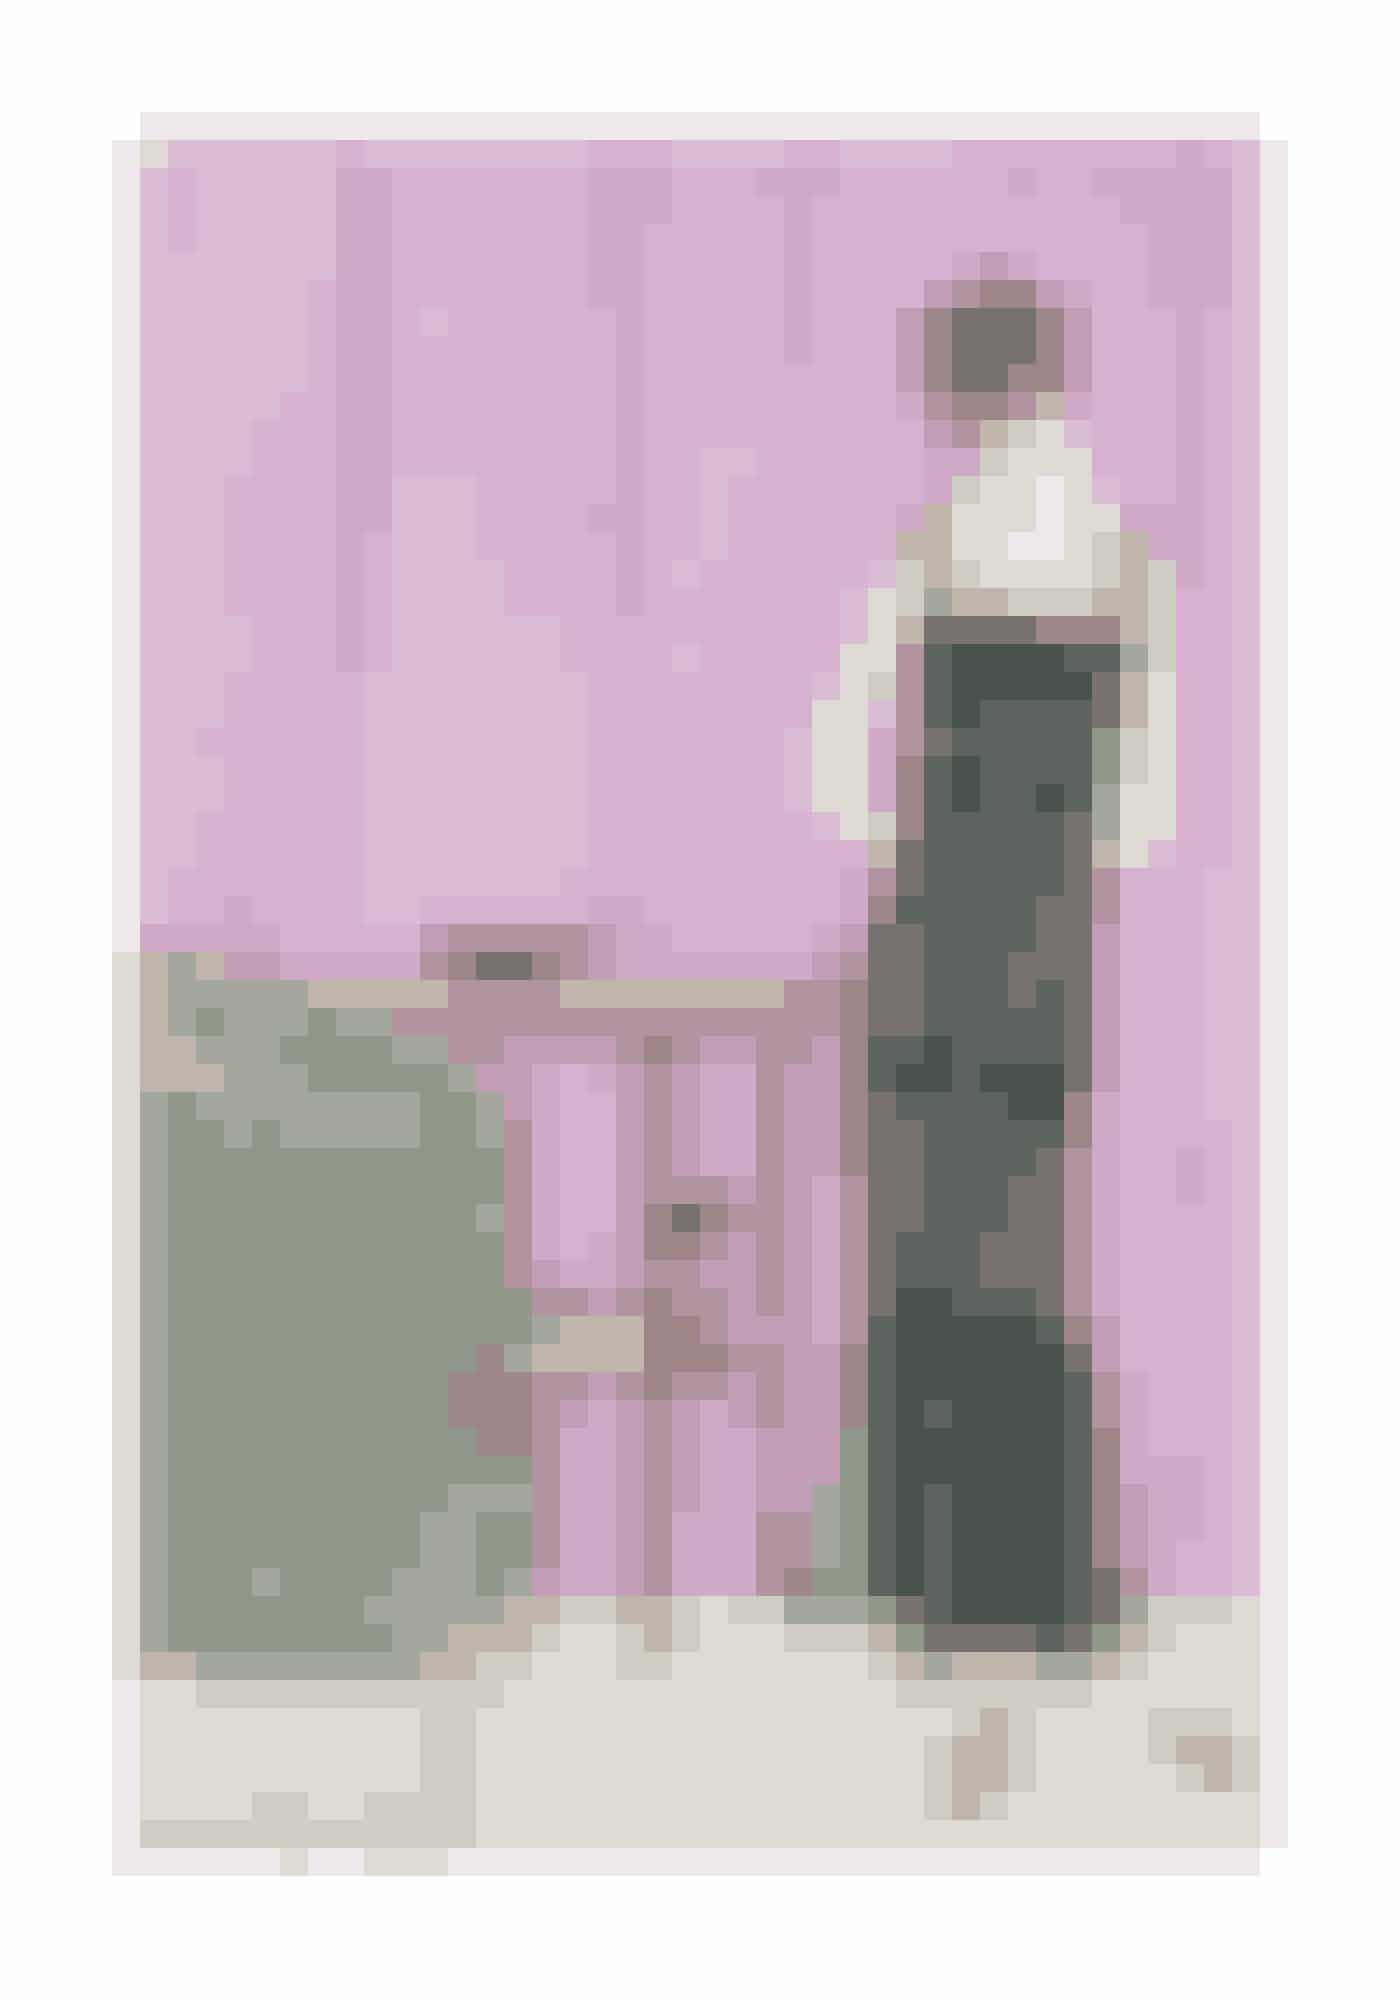 1920'erne'Drengepigen' også kendt som 'la garçonne' bruger tynde silke- og bomulds-bh'er, der gør brysterne flade som en bandage, ligesom taljen ikke bliver fremhævet, for at leve op til den drengede kropsform. Fra slutningen af 1930'erne bliver brysterne igen fremhævet, og bh'en bliver udstyret med to skåle, der i 1940 får selskab af bøjler.